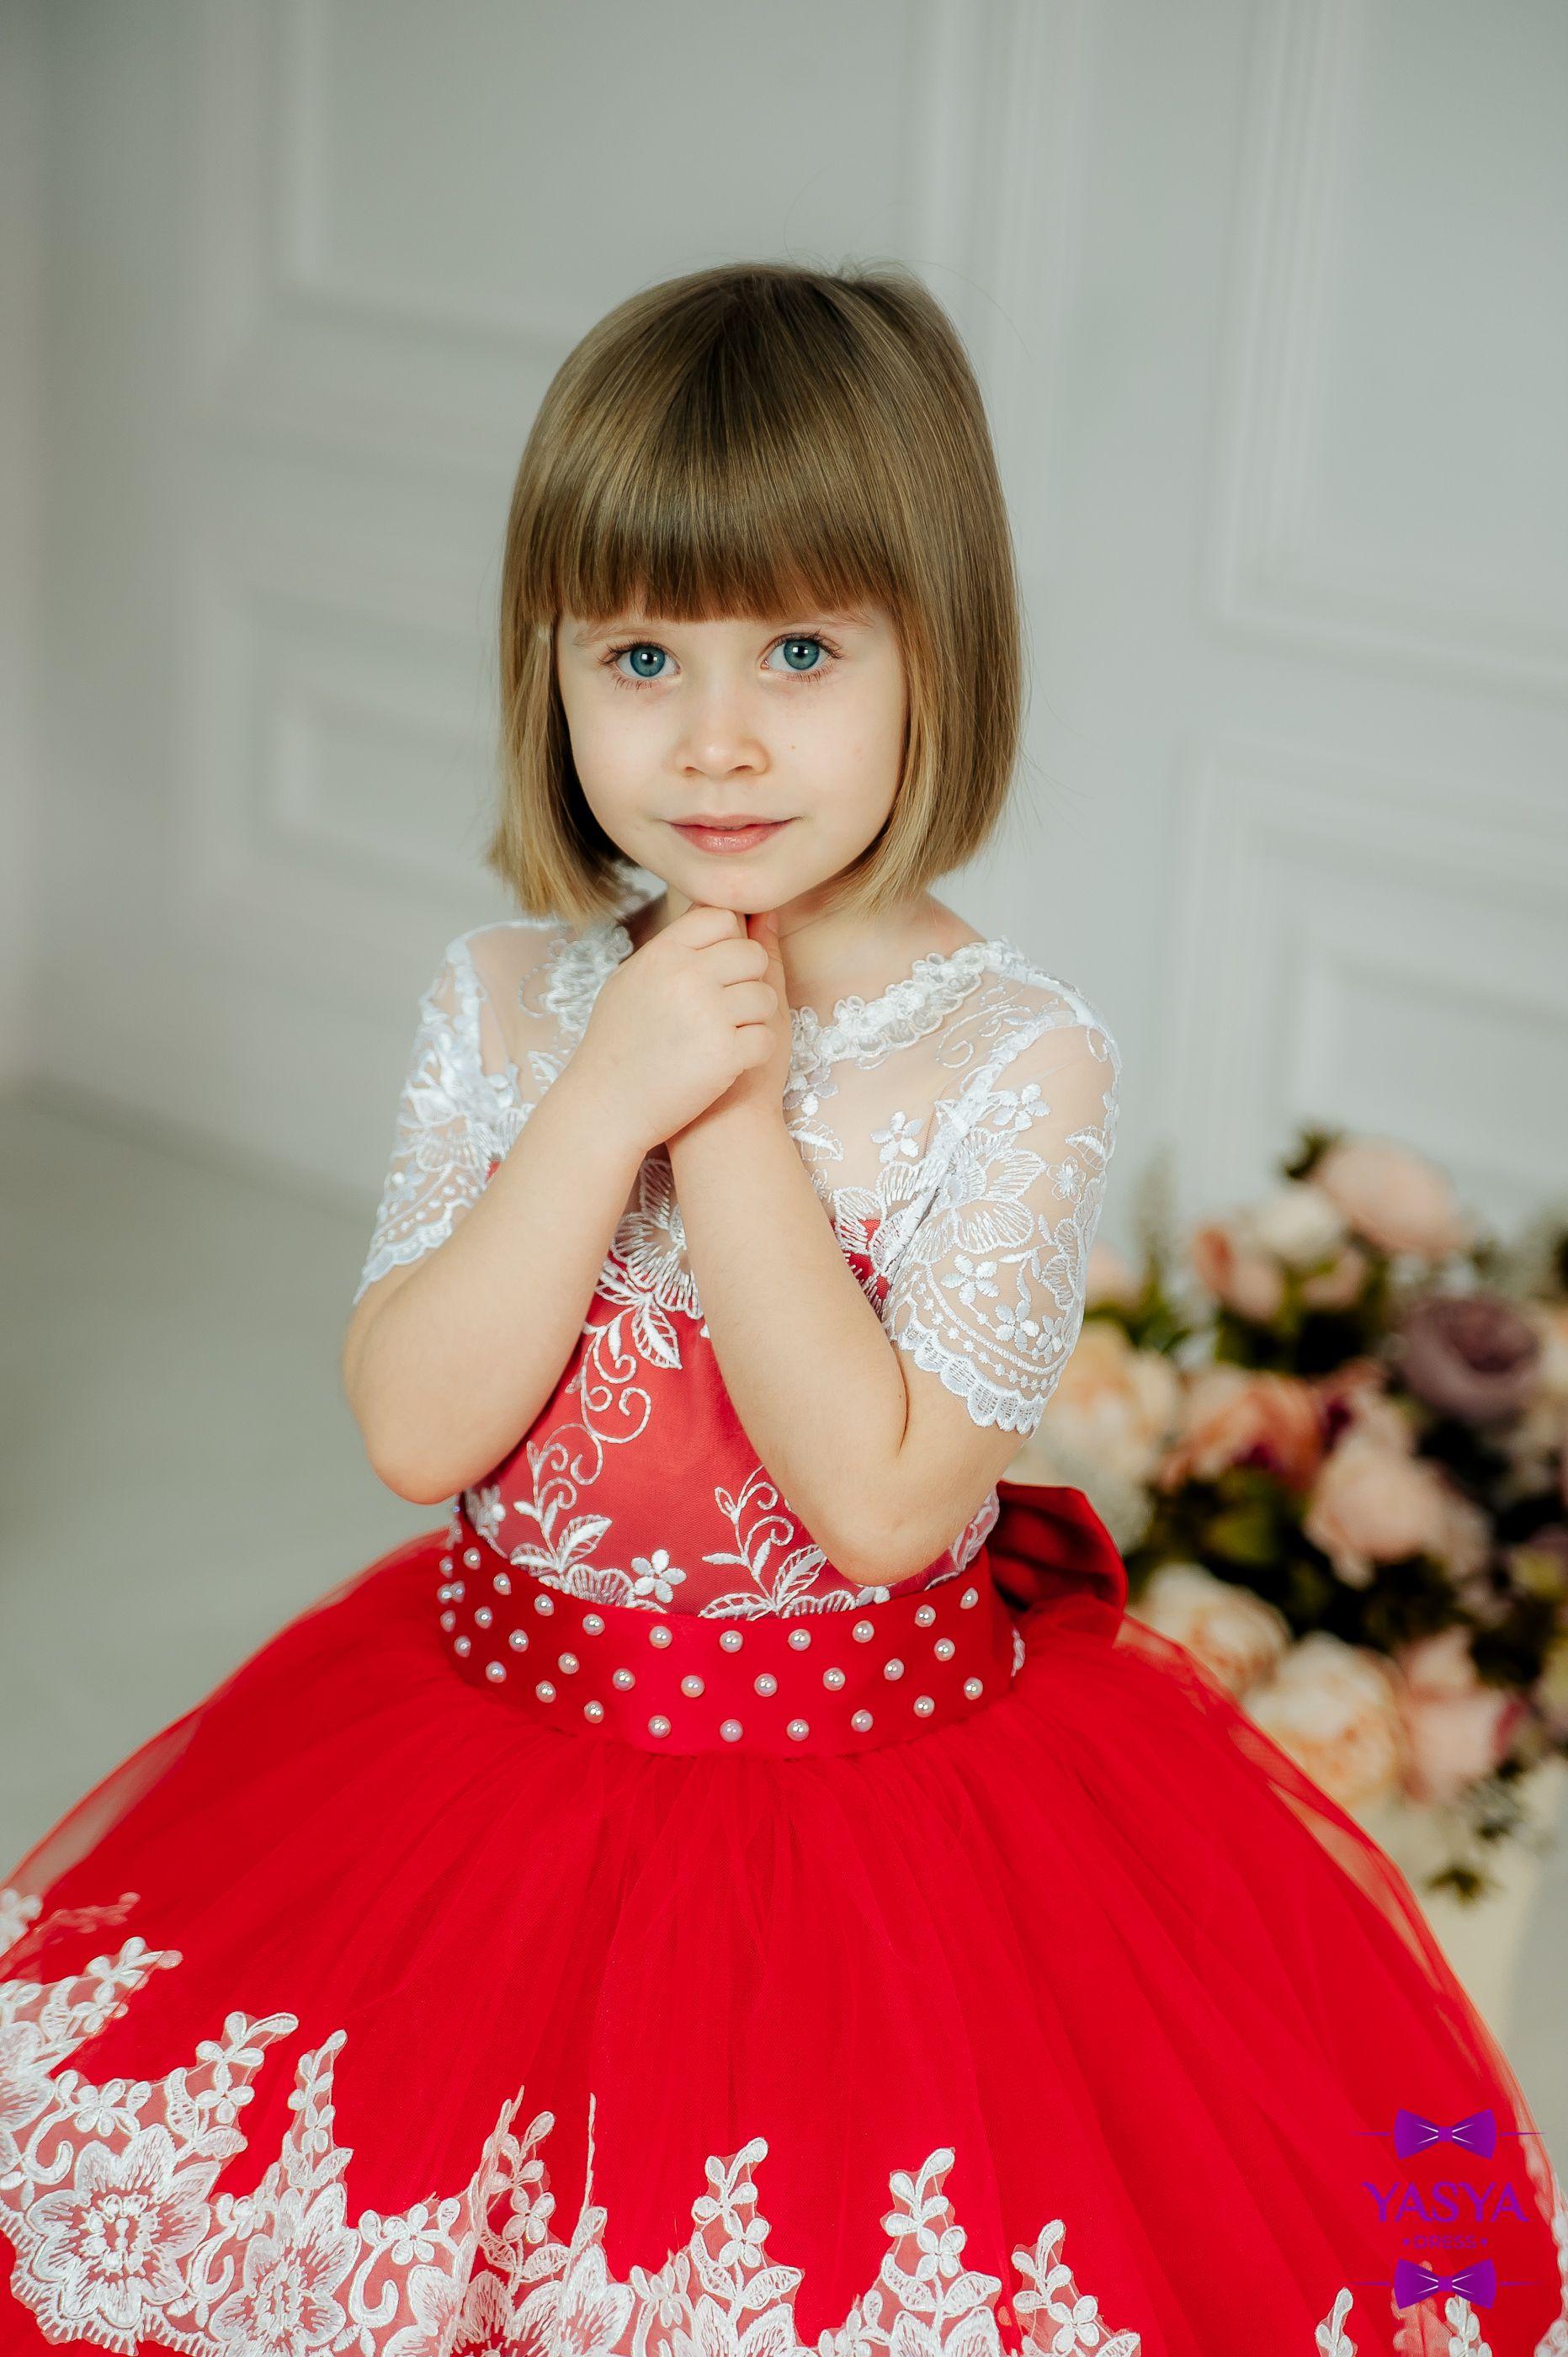 035c617113f8e Red flower girl Dress. Wedding Party Dress for girl.Luxury Children ...